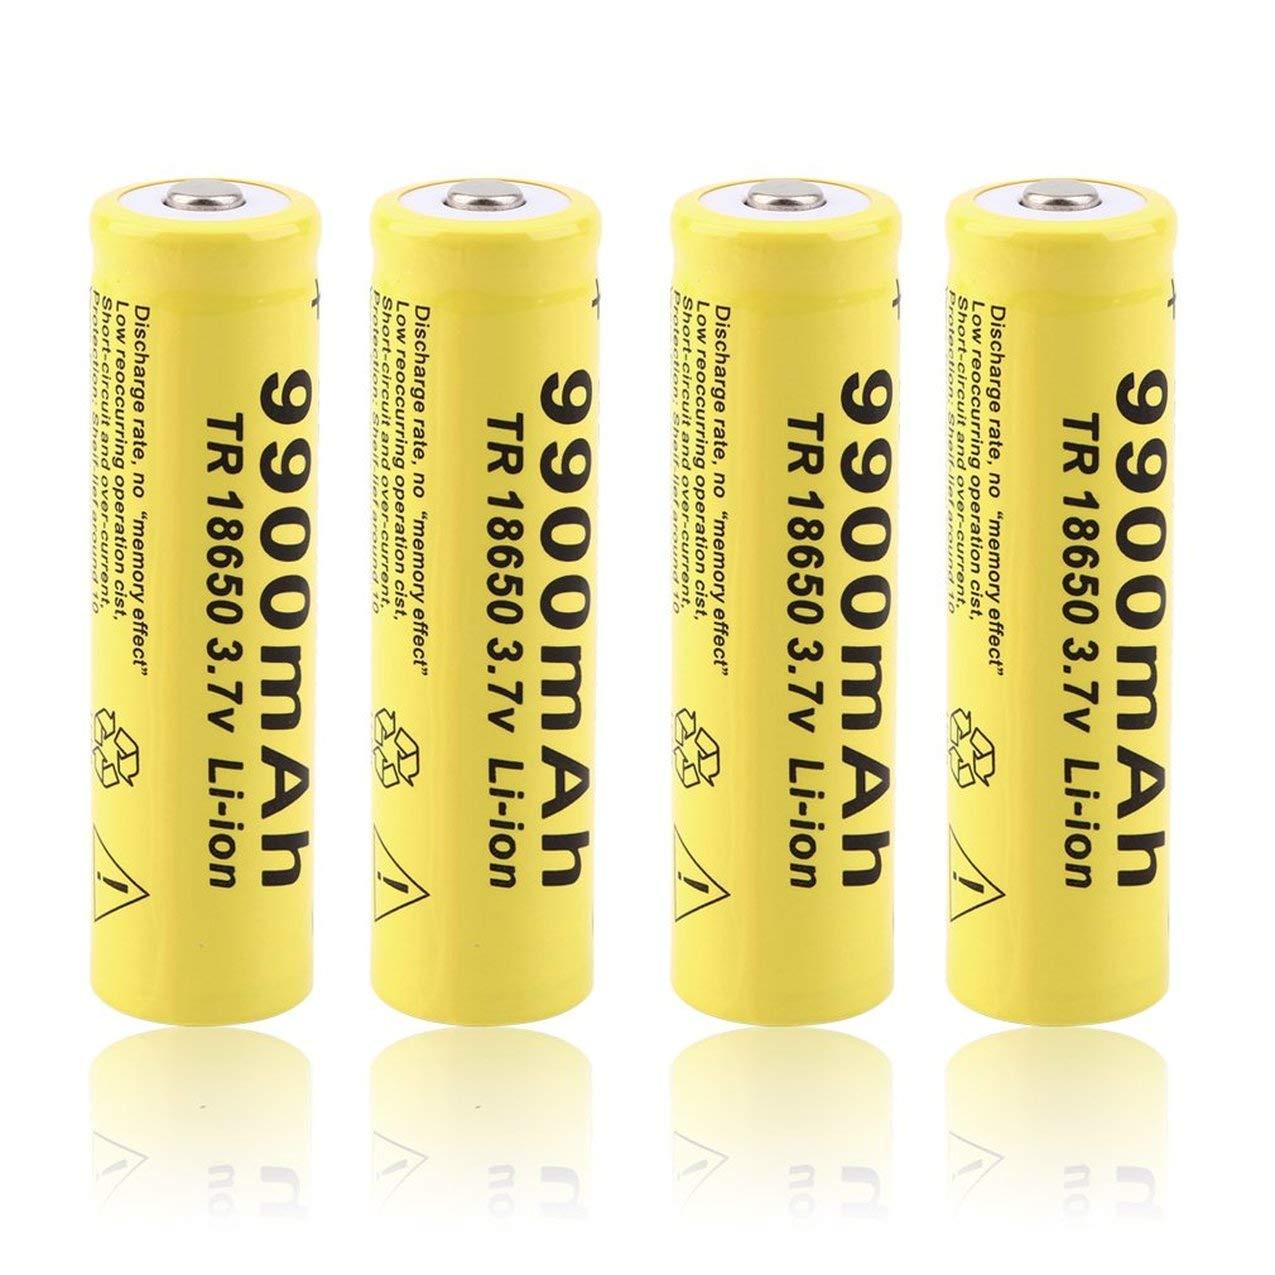 Baterí as recargables del Li-ion de 4 x 3.7V 18650 9900mah, baterí a amarilla del GIF 18650 3.7V 9900mAh de la capacidad GIF recargable de Shell para el banco del poder de la antorcha de la linterna del LED Redstrong